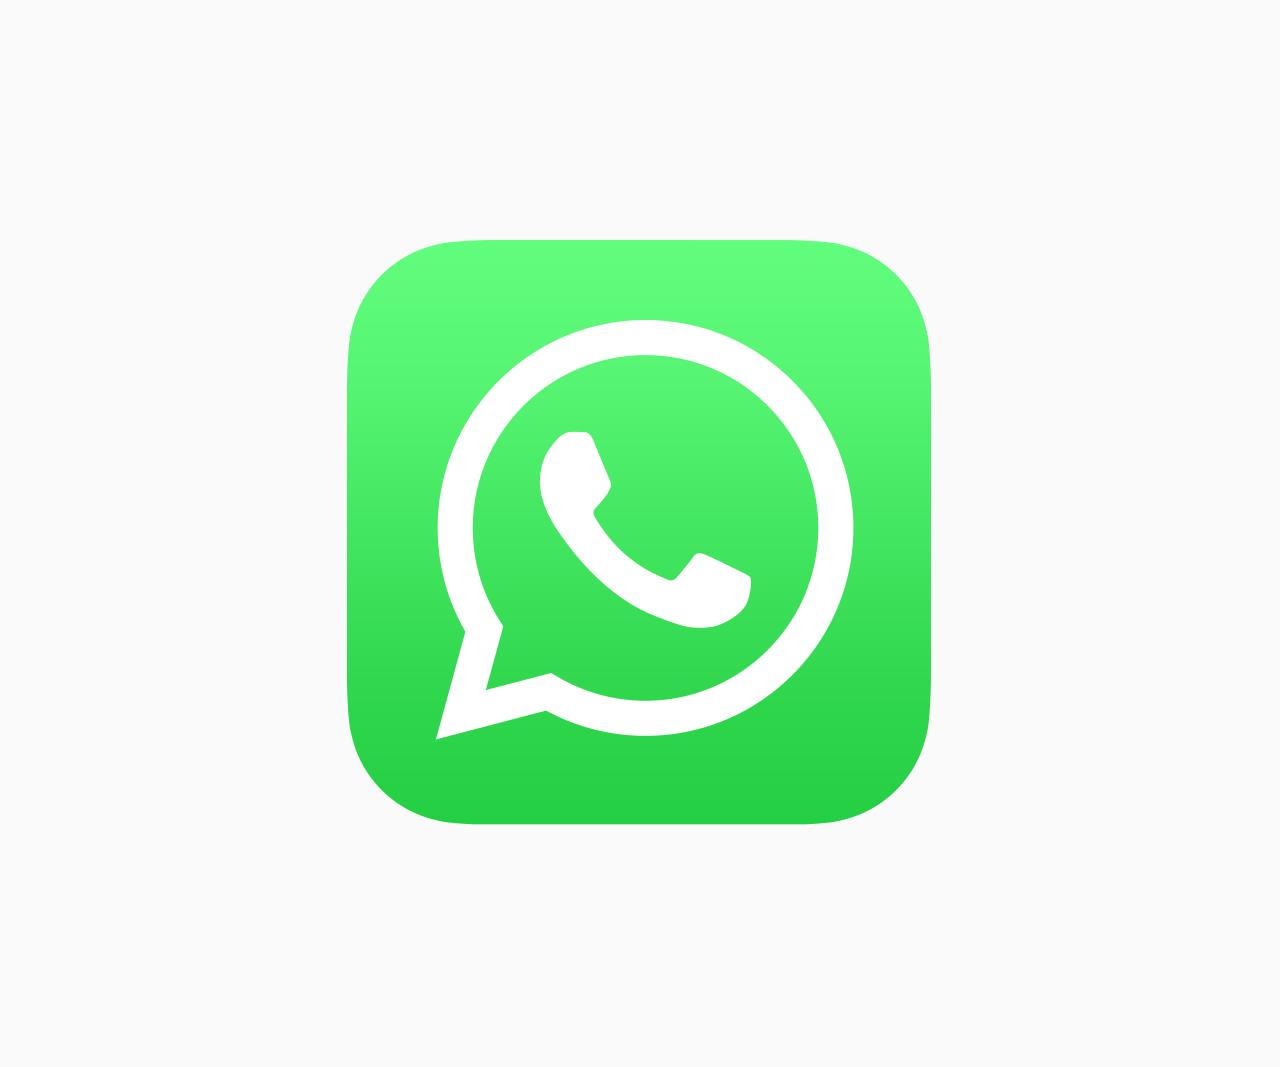 WhatsApp permitirá a las empresas tener perfiles verificados en su aplicación